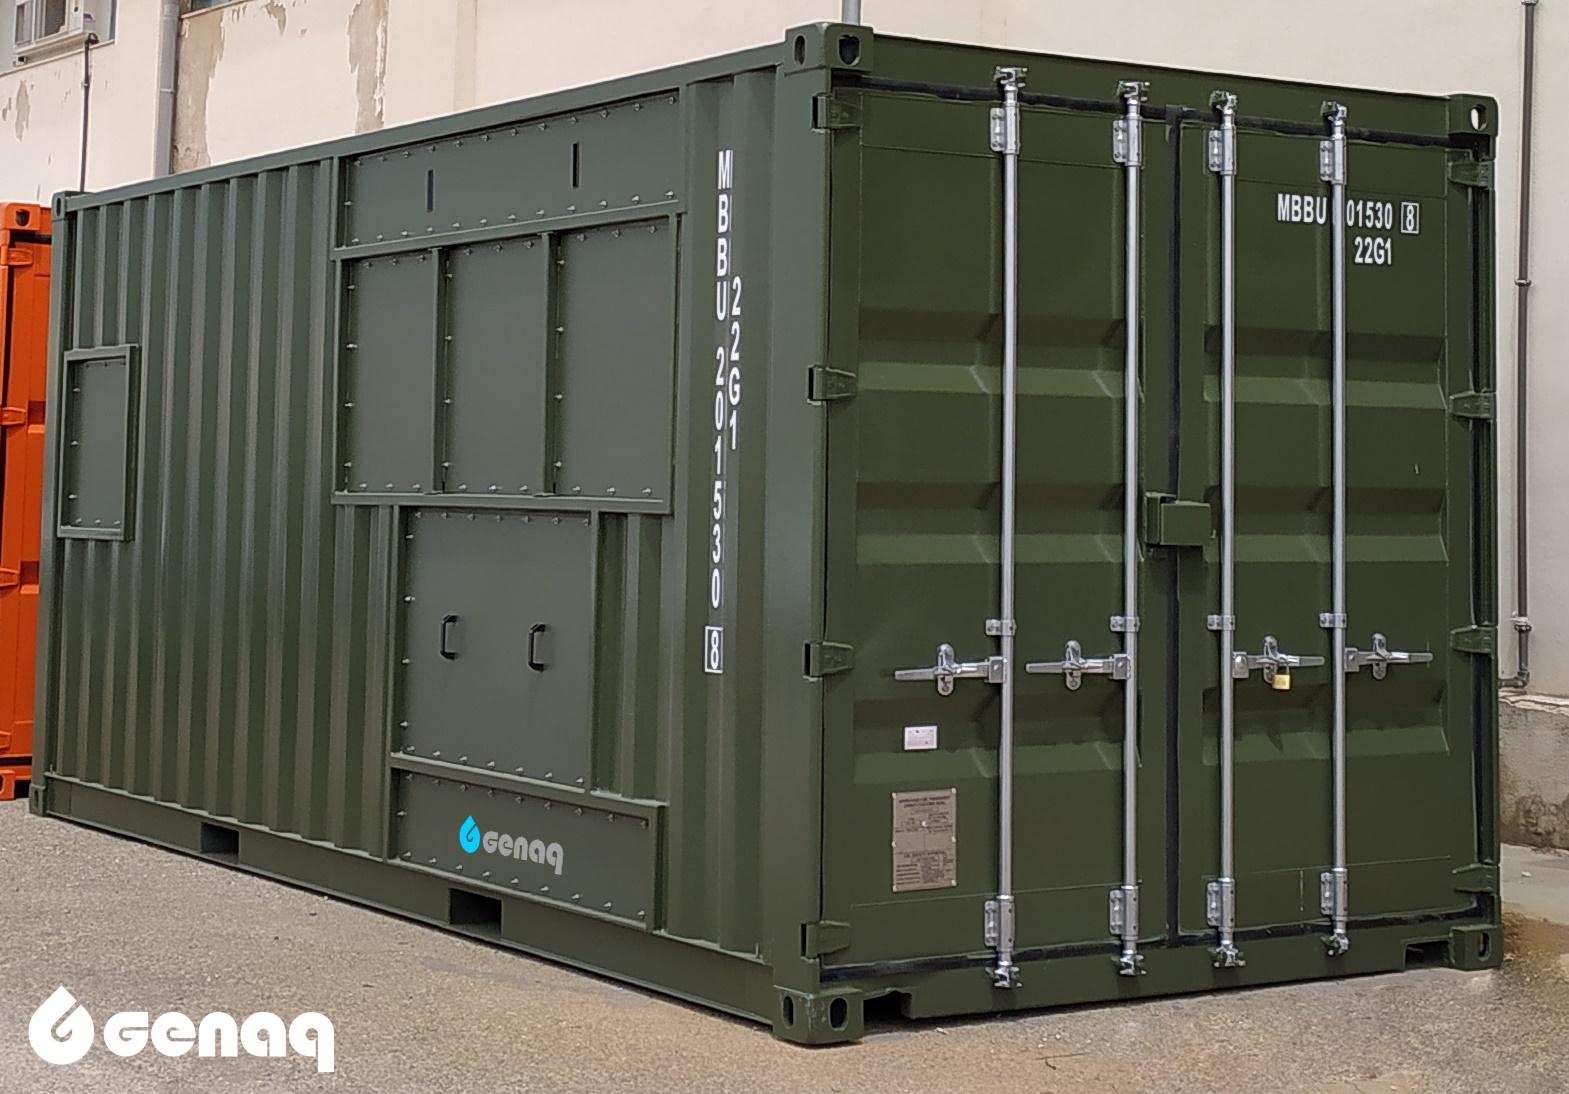 generadores 200605 - Los contenedores de GENAQ: adaptados para viajar por todo el mundo